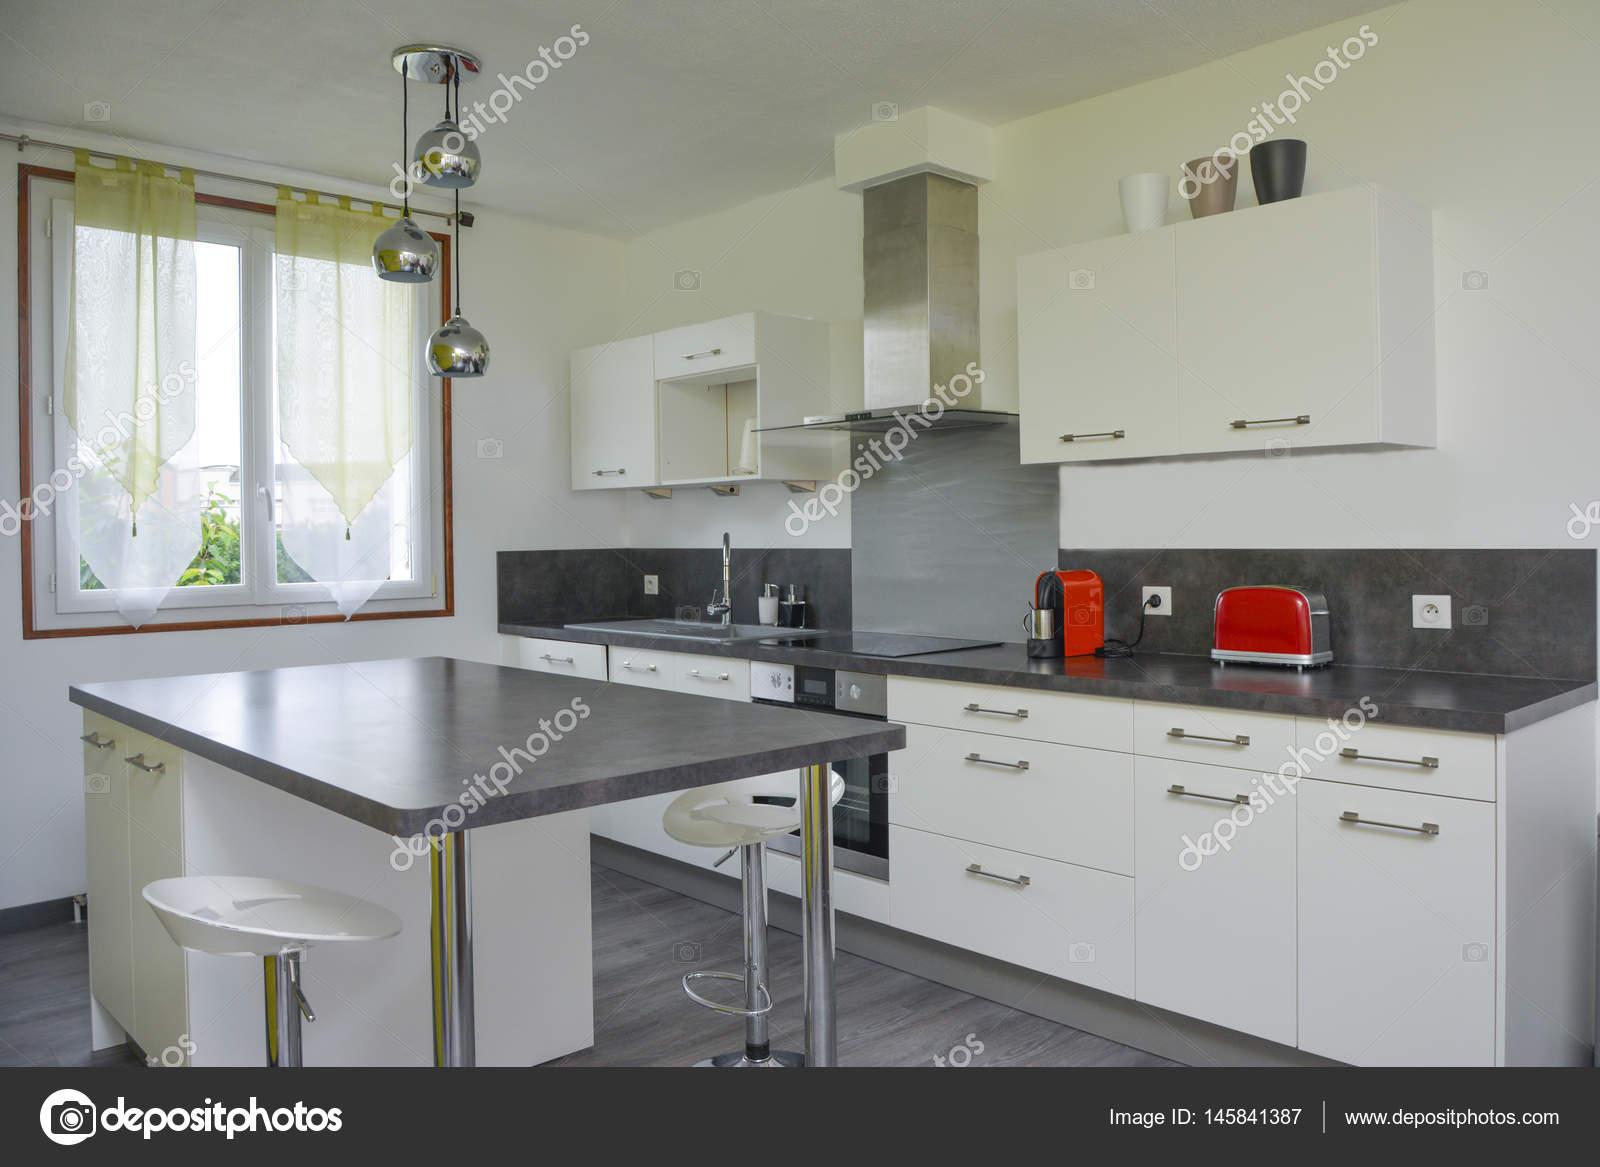 Amüsant Bilder Küche Modern Dekoration Von Restaurants Küche Eingerichtet — Stockfoto